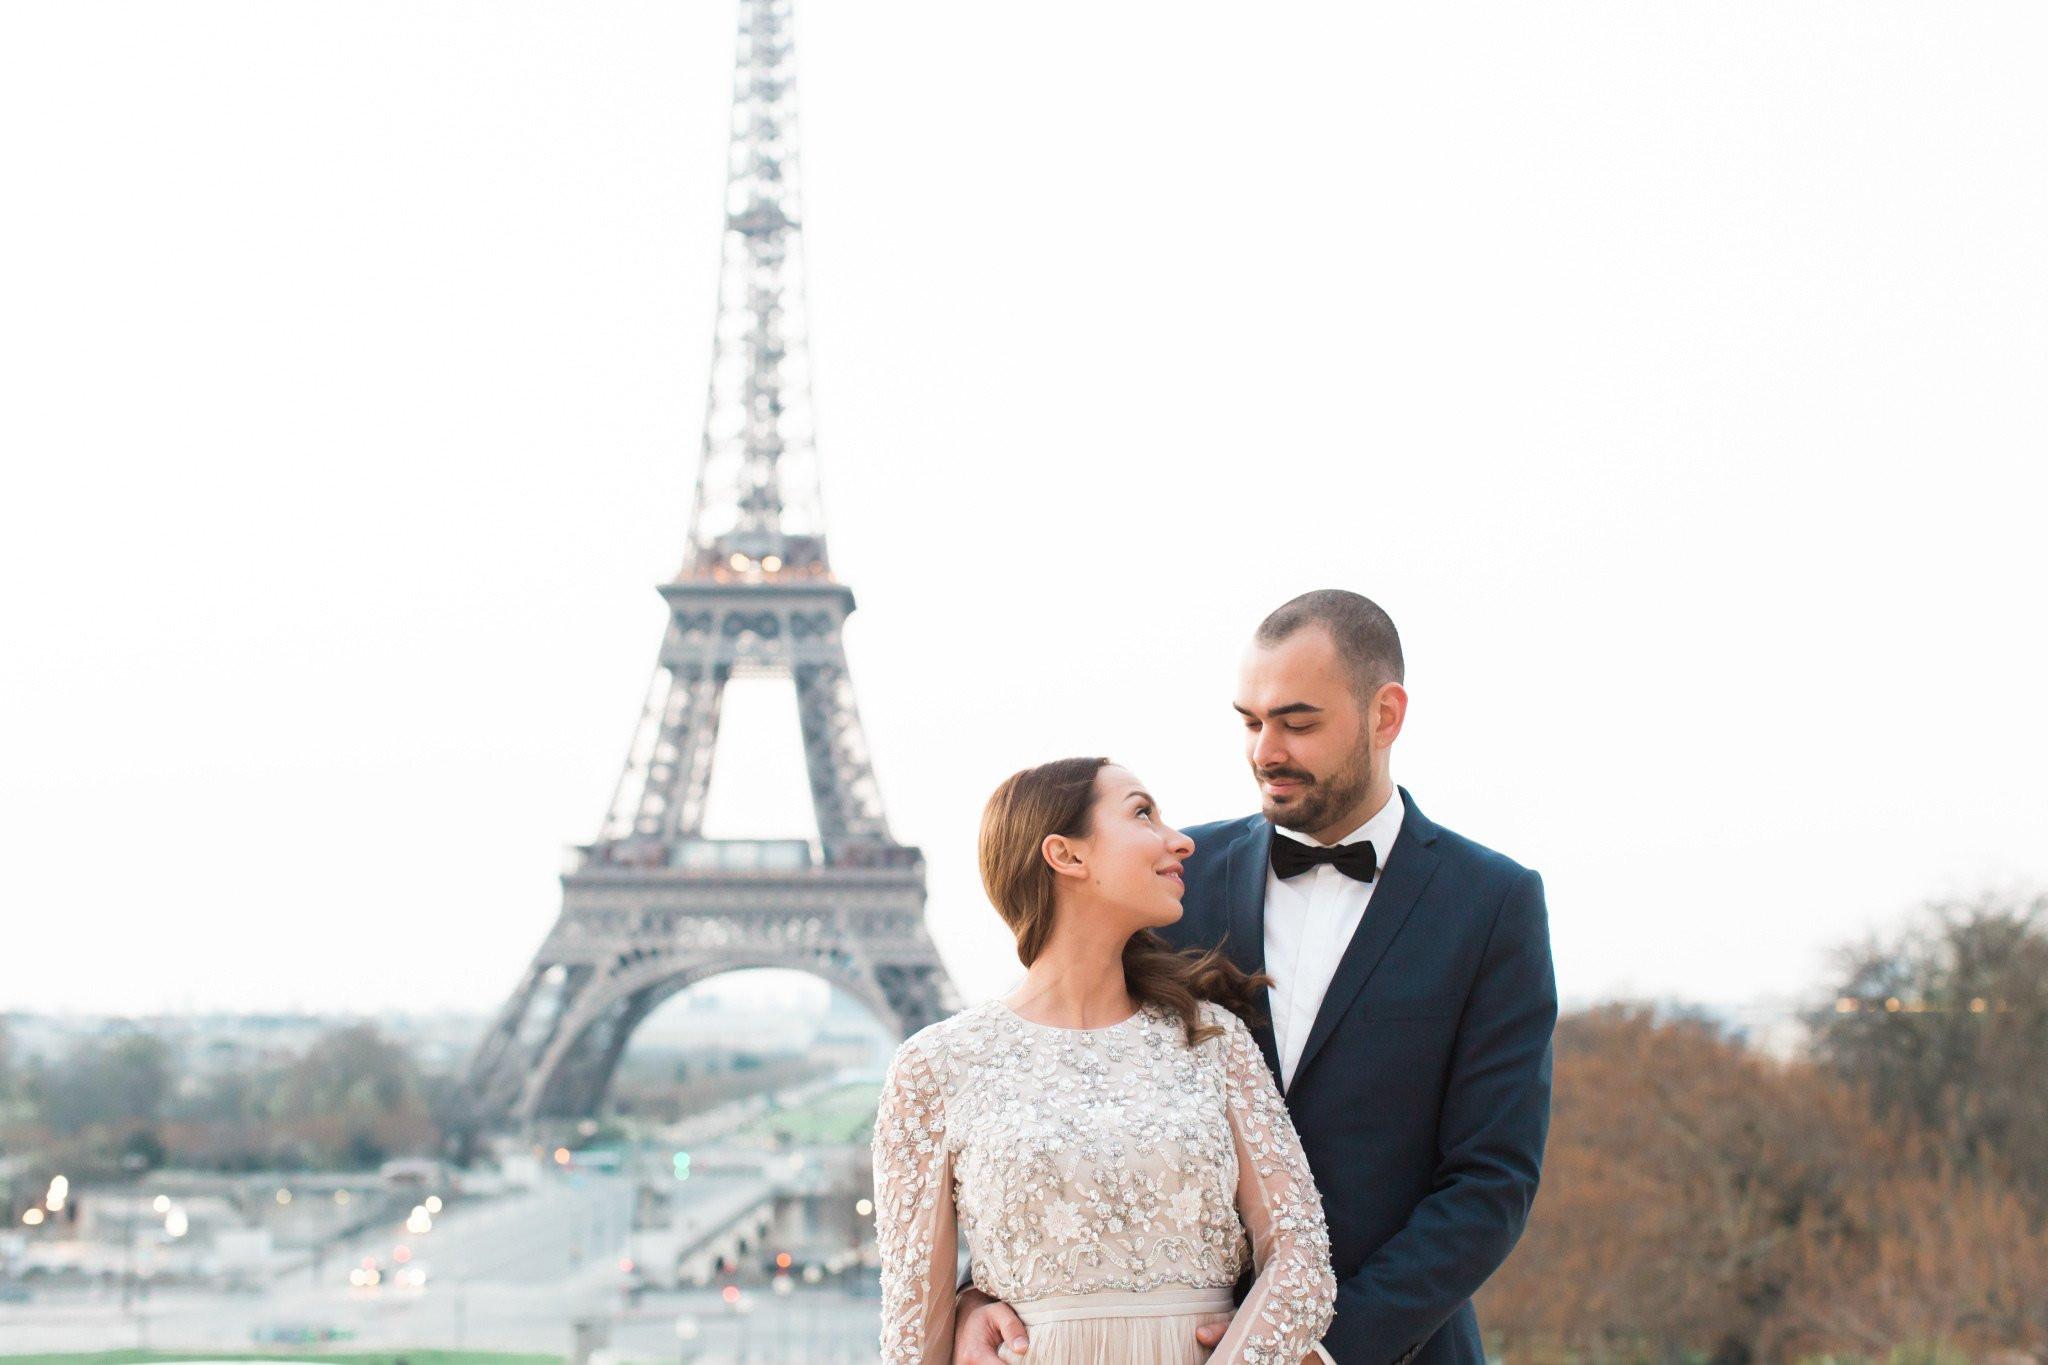 Fonkelnieuw Huwelijksaanzoek tips | Zó maak je er een prachtig aanzoek van PZ-08